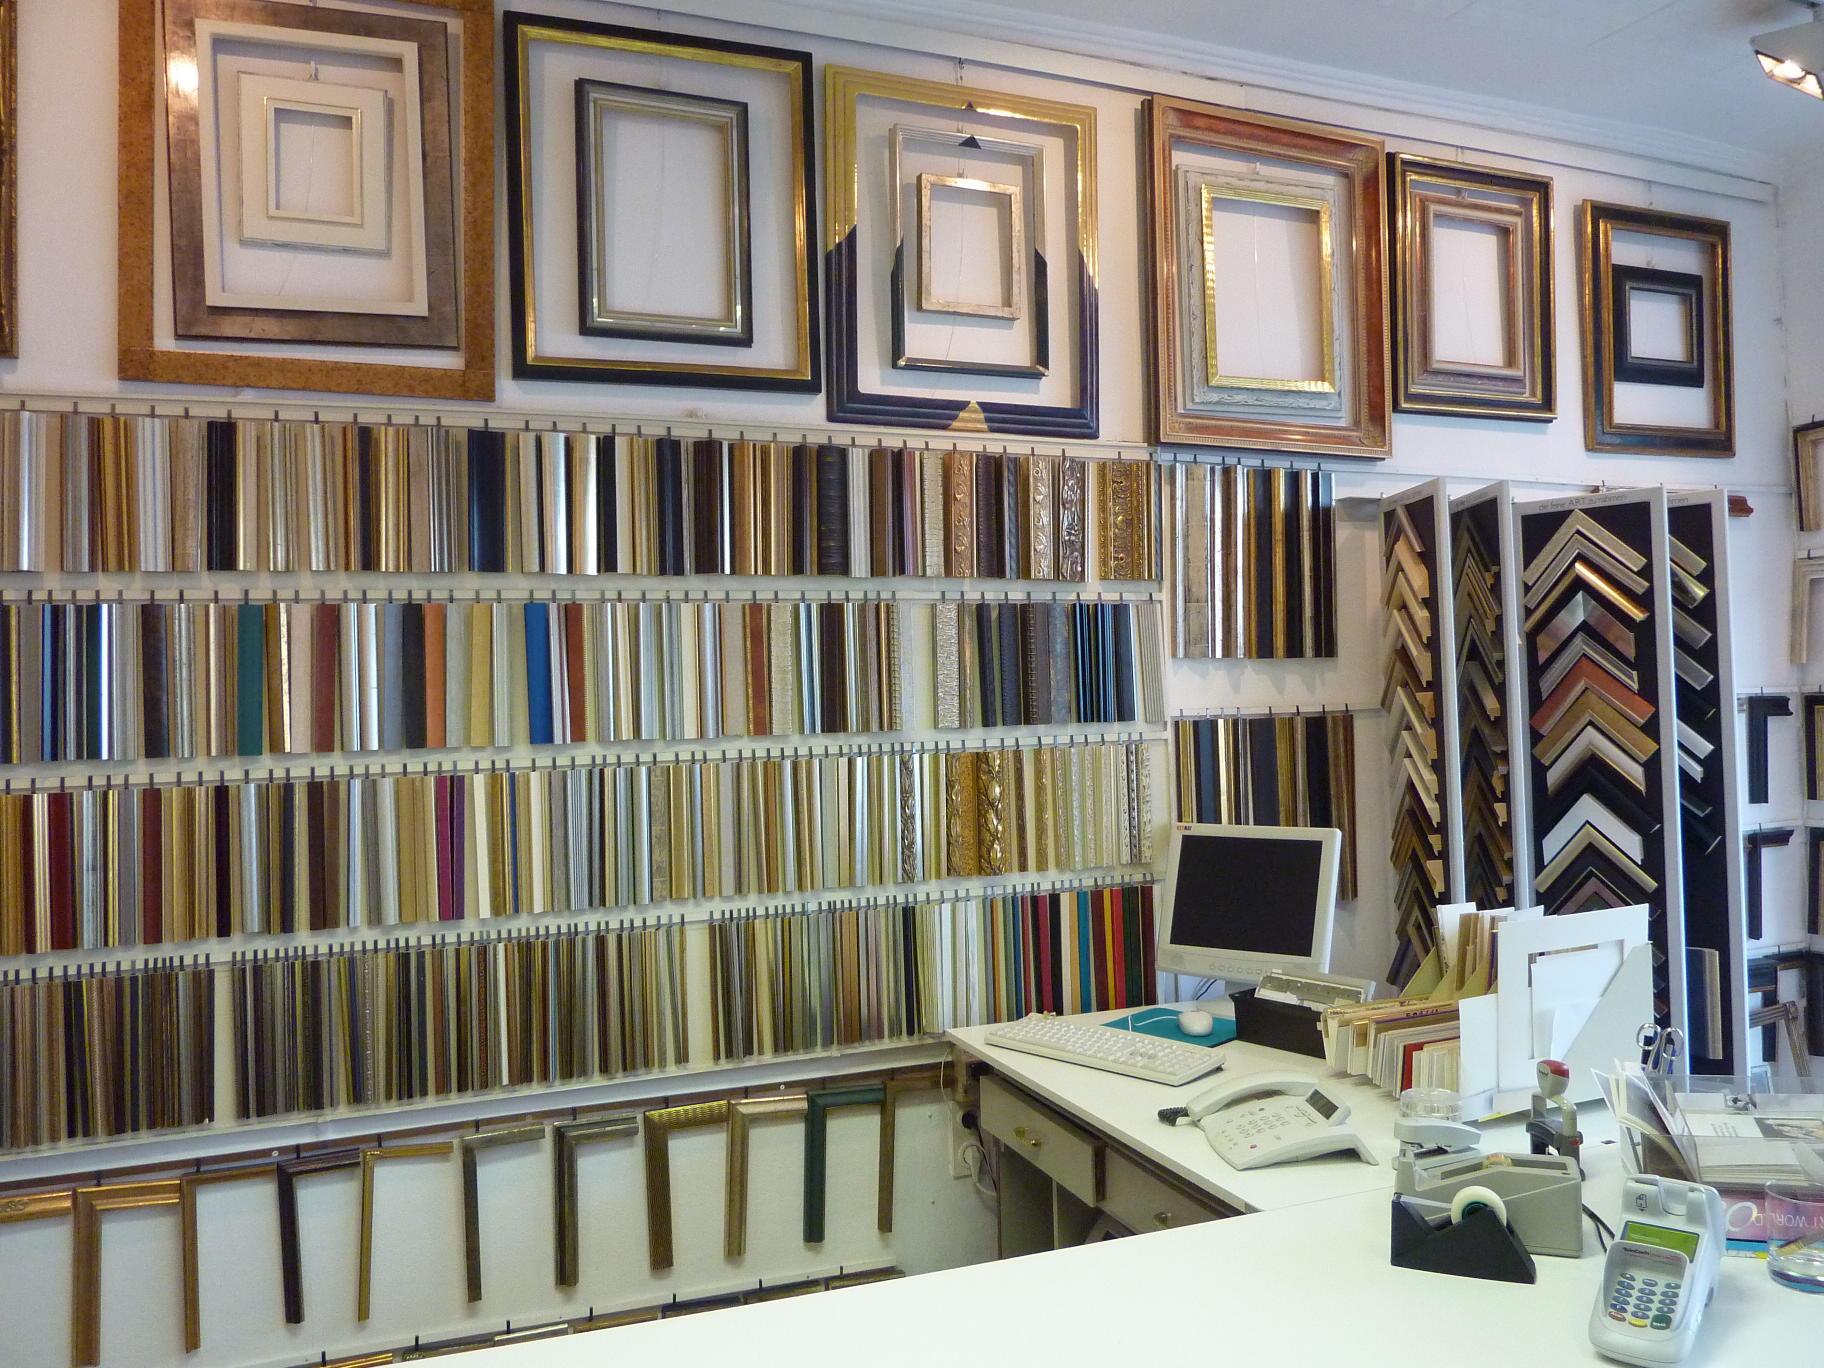 hubert schwei helm bilderrahmen einrahmungen bilderrahmenbilderrahmen einrahmungen hannover. Black Bedroom Furniture Sets. Home Design Ideas